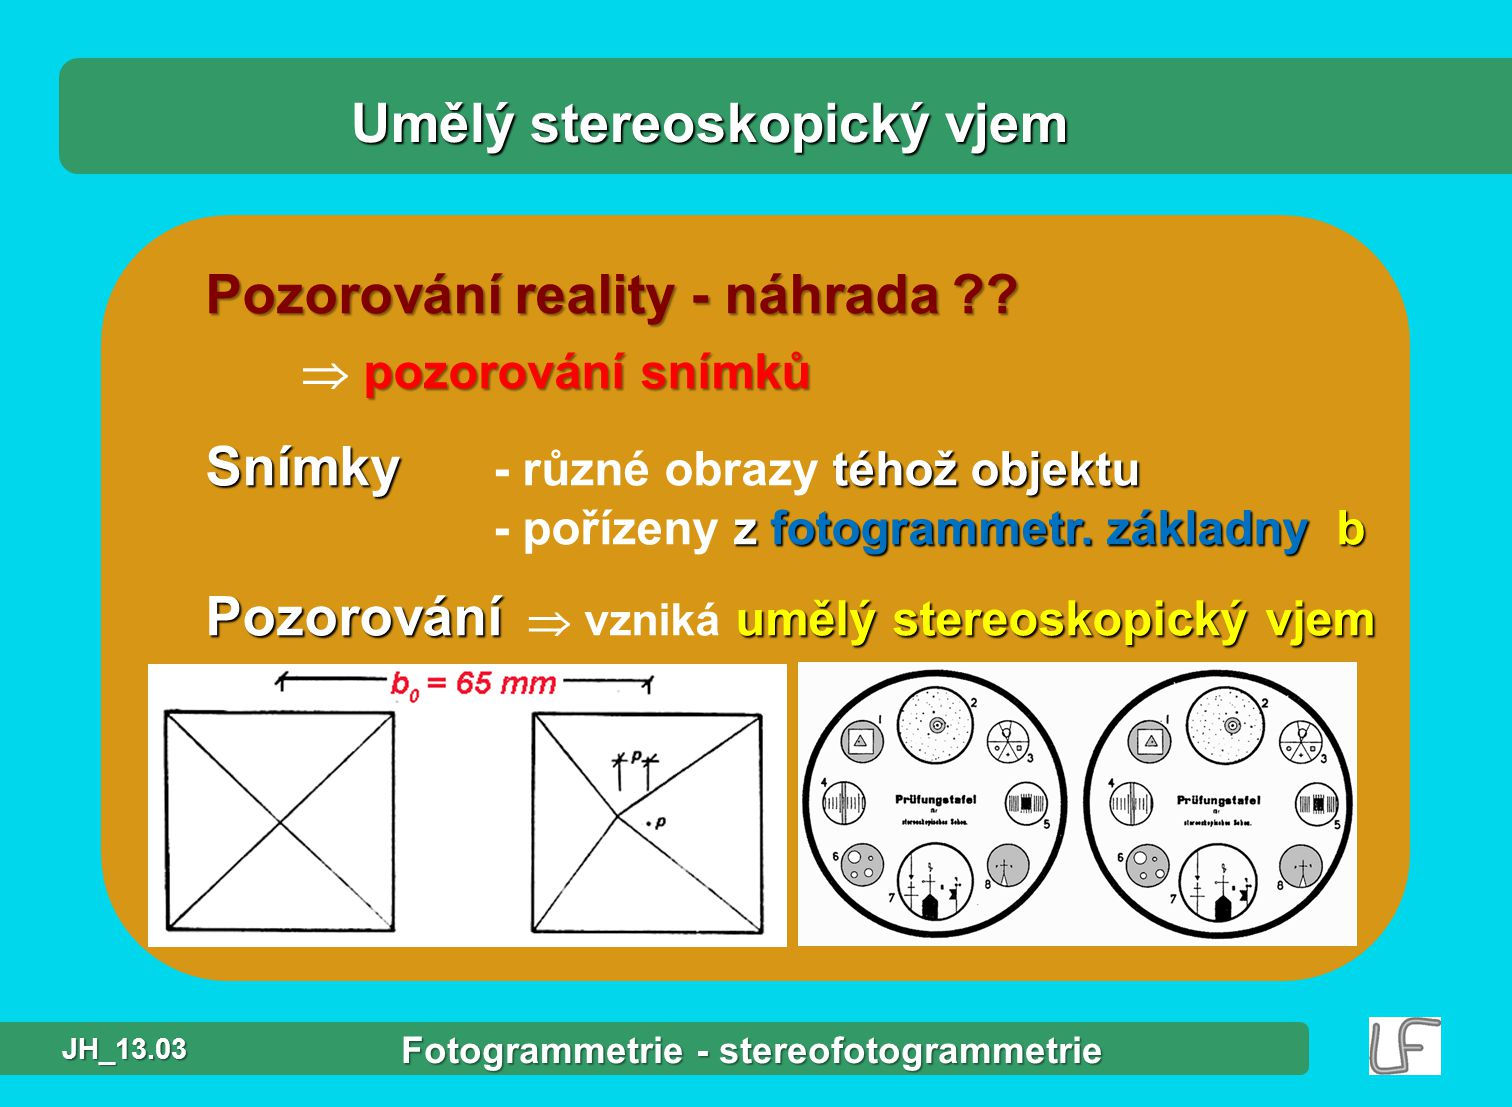 obr.: stereodvojice pro zábavu a ponaučení – historické příklady.. 1851 a 1901